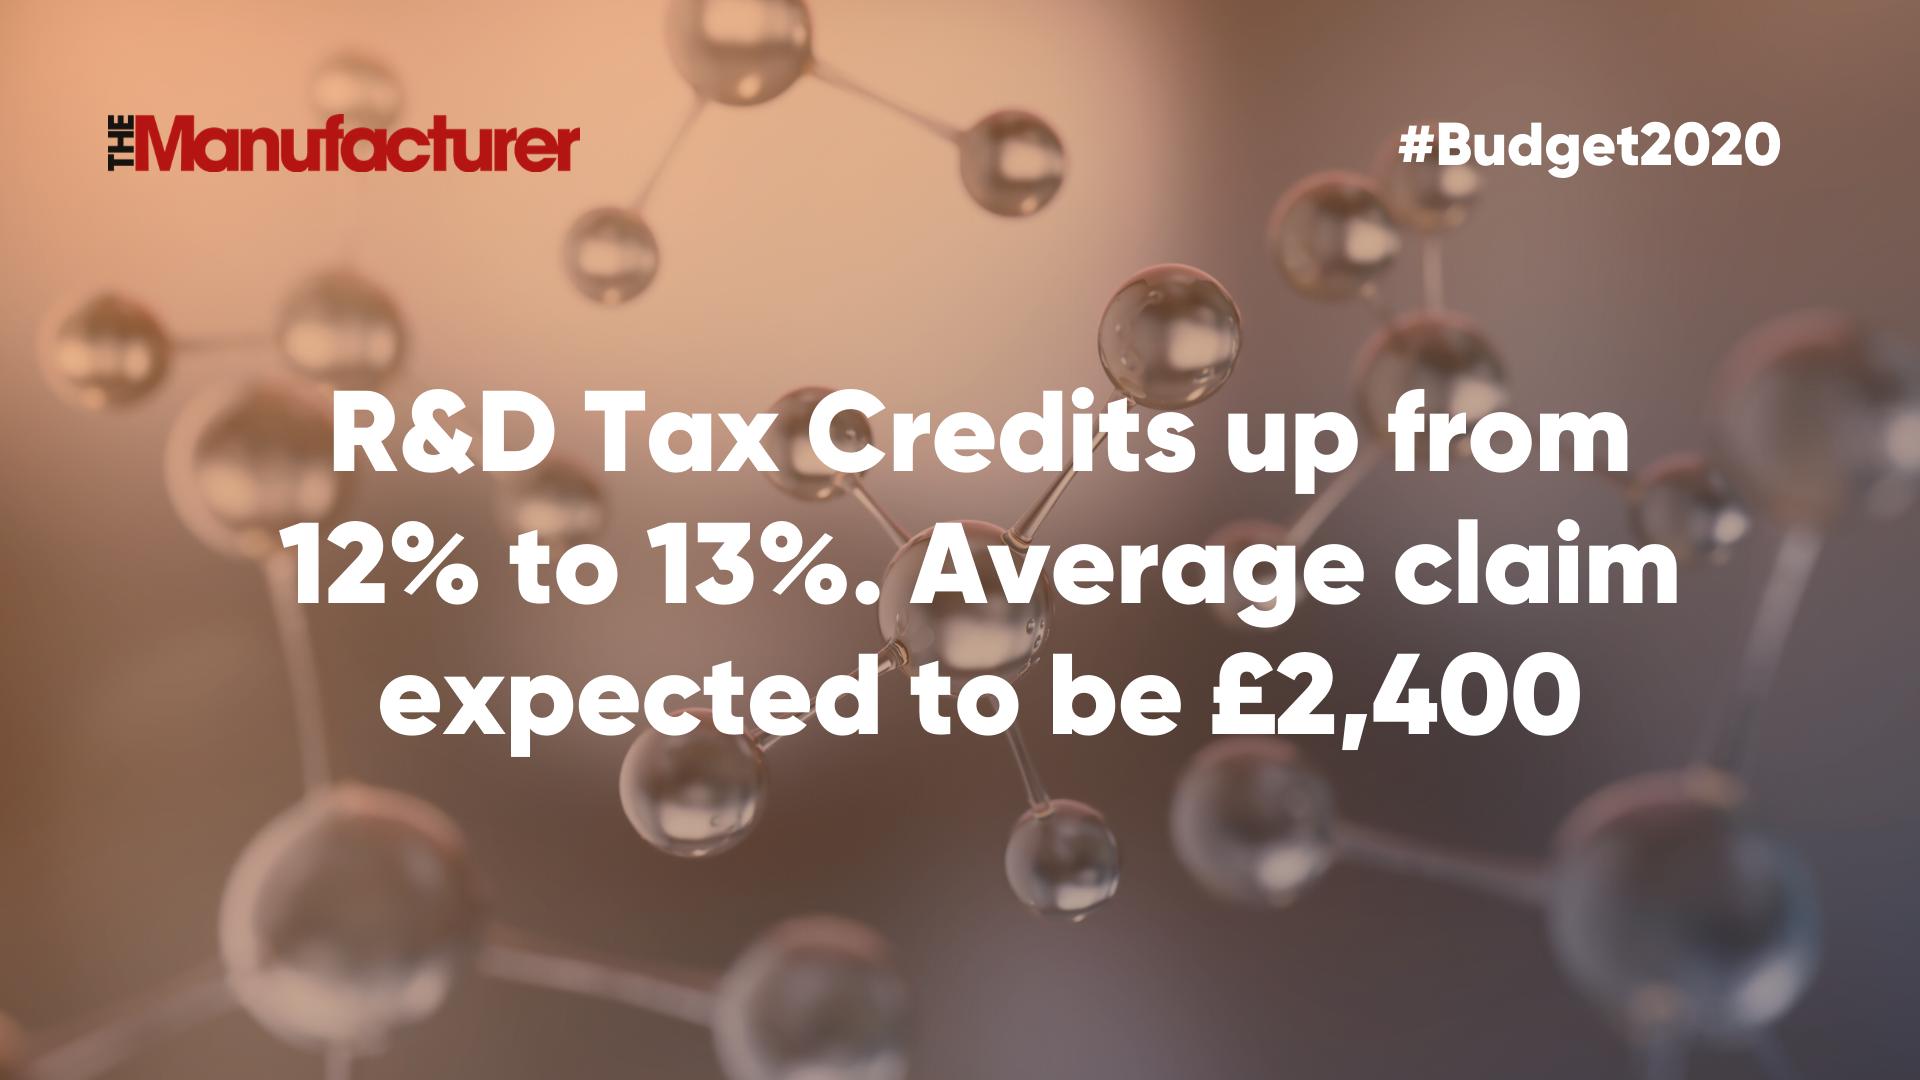 Budget 2020 - R&D Tax Credits